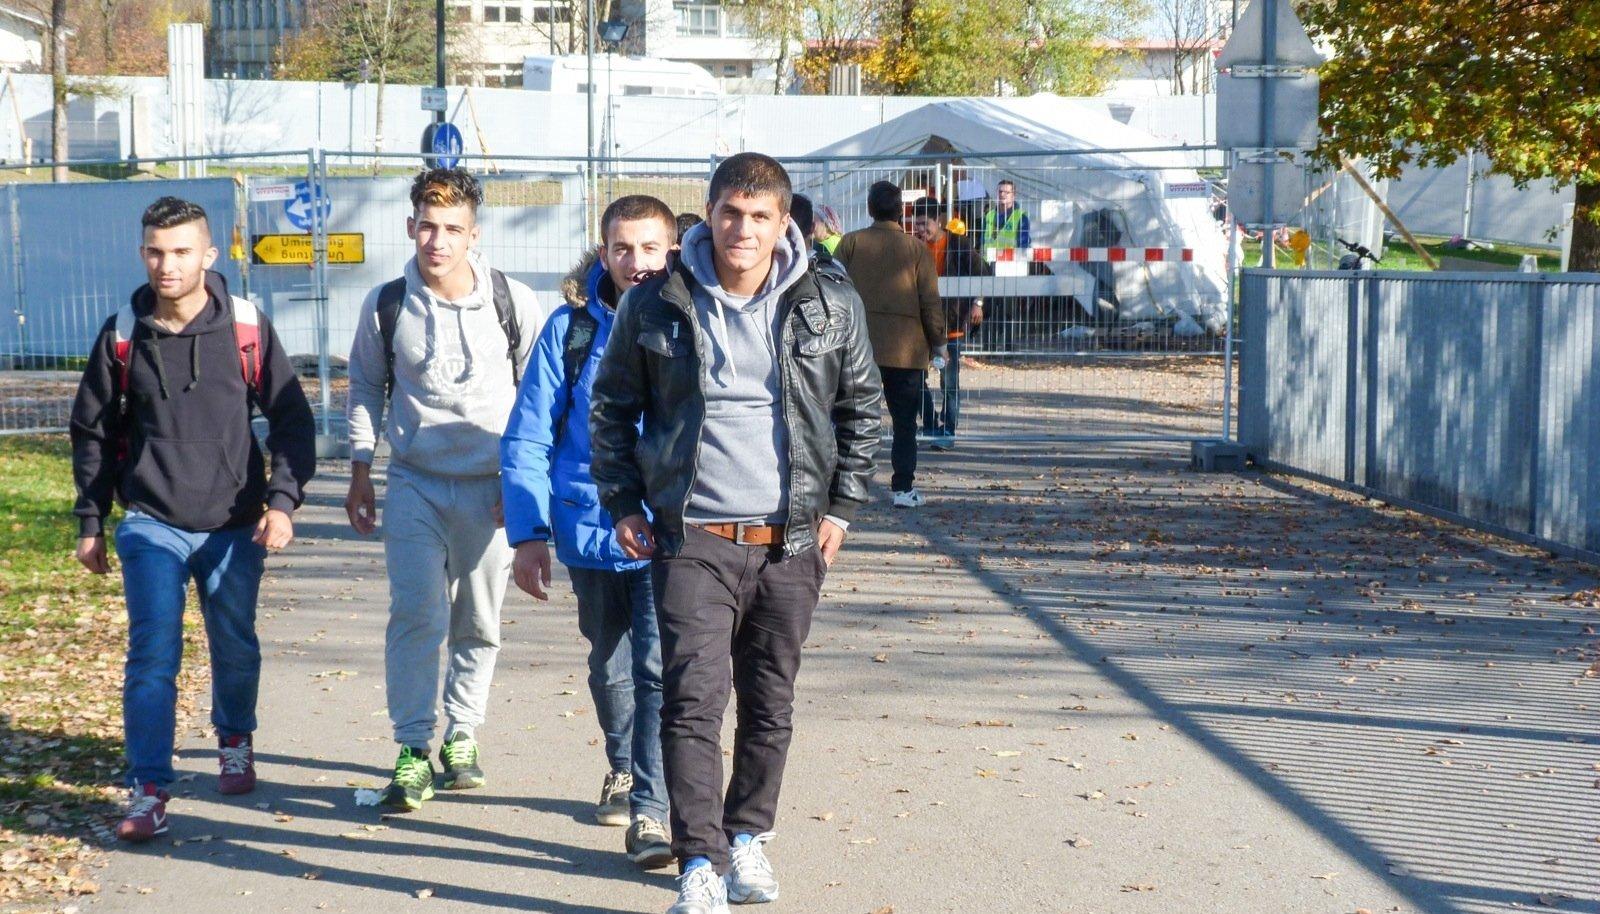 Pagulased Austria-Saksamaa piiril 8. novembril. Ligi kaks kolmandikku eestimaalasi peab oluliseks, et siia saabuvate pagulastega tegeletaks ja neid toetataks.